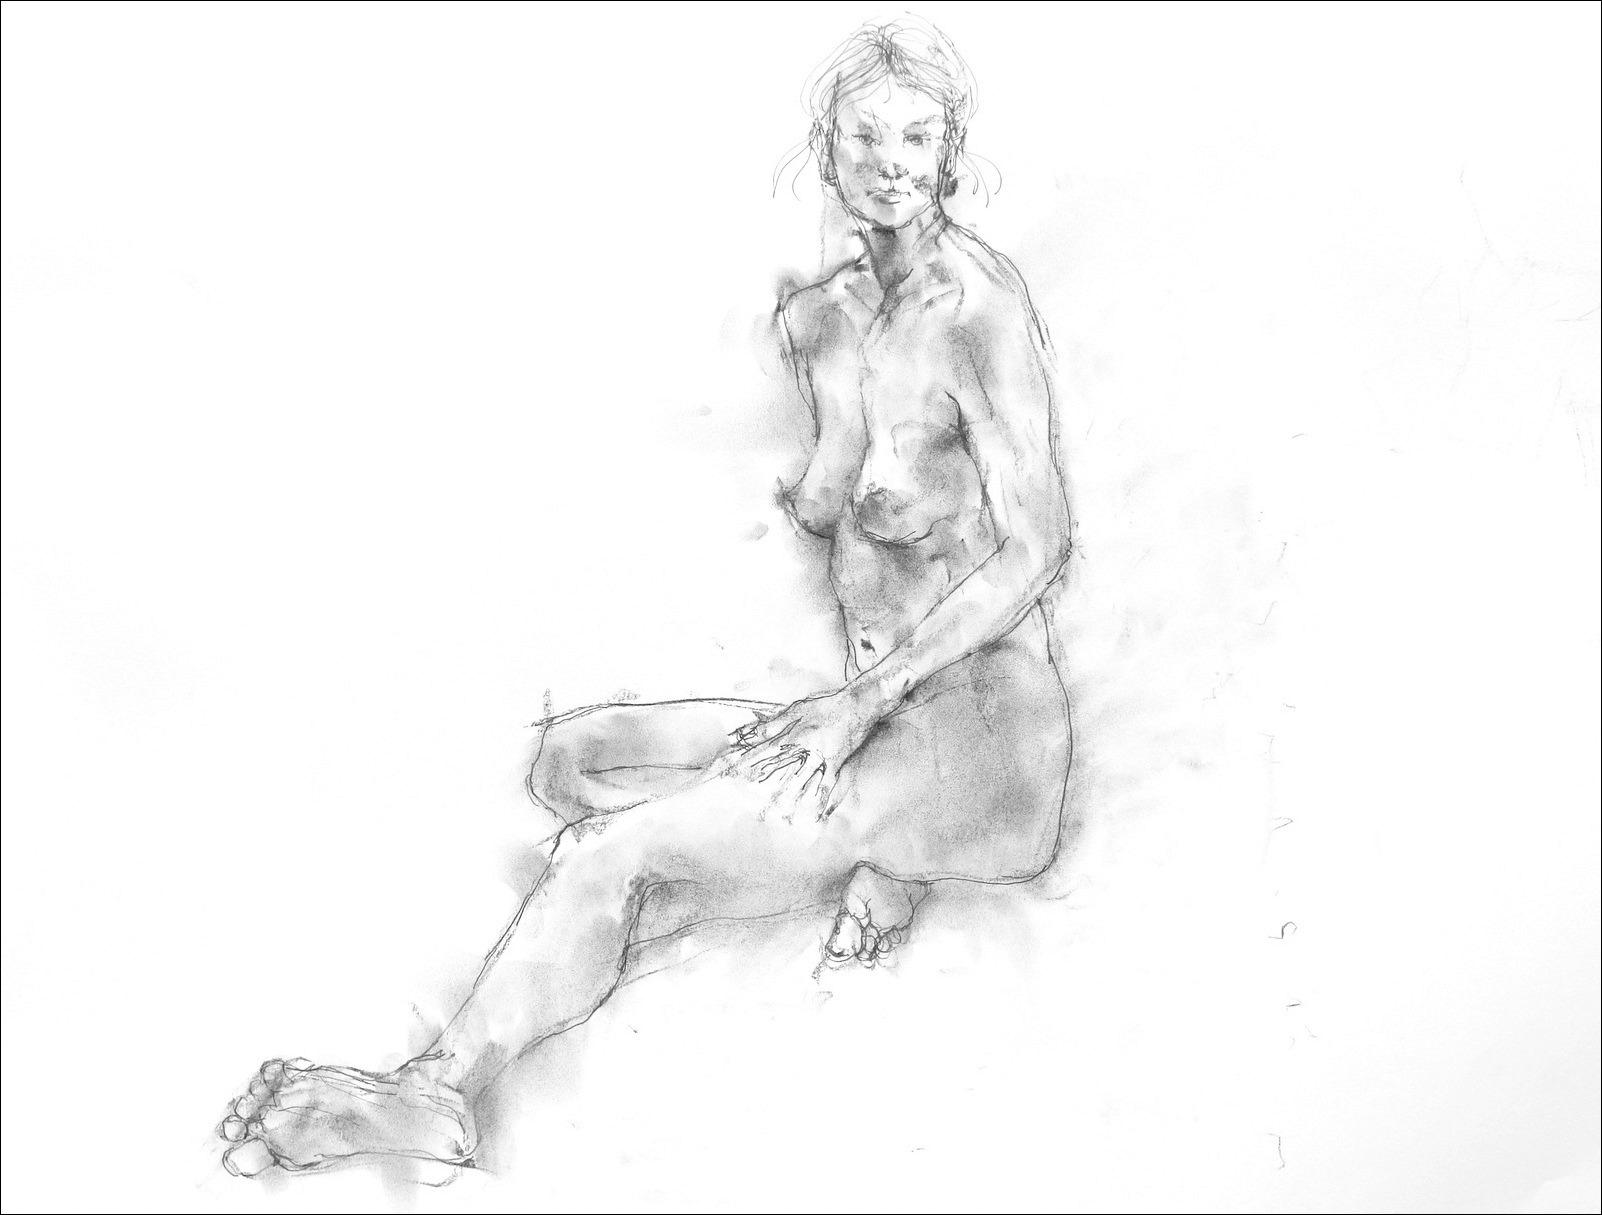 《裸婦素描 3 》_f0159856_7492673.jpg